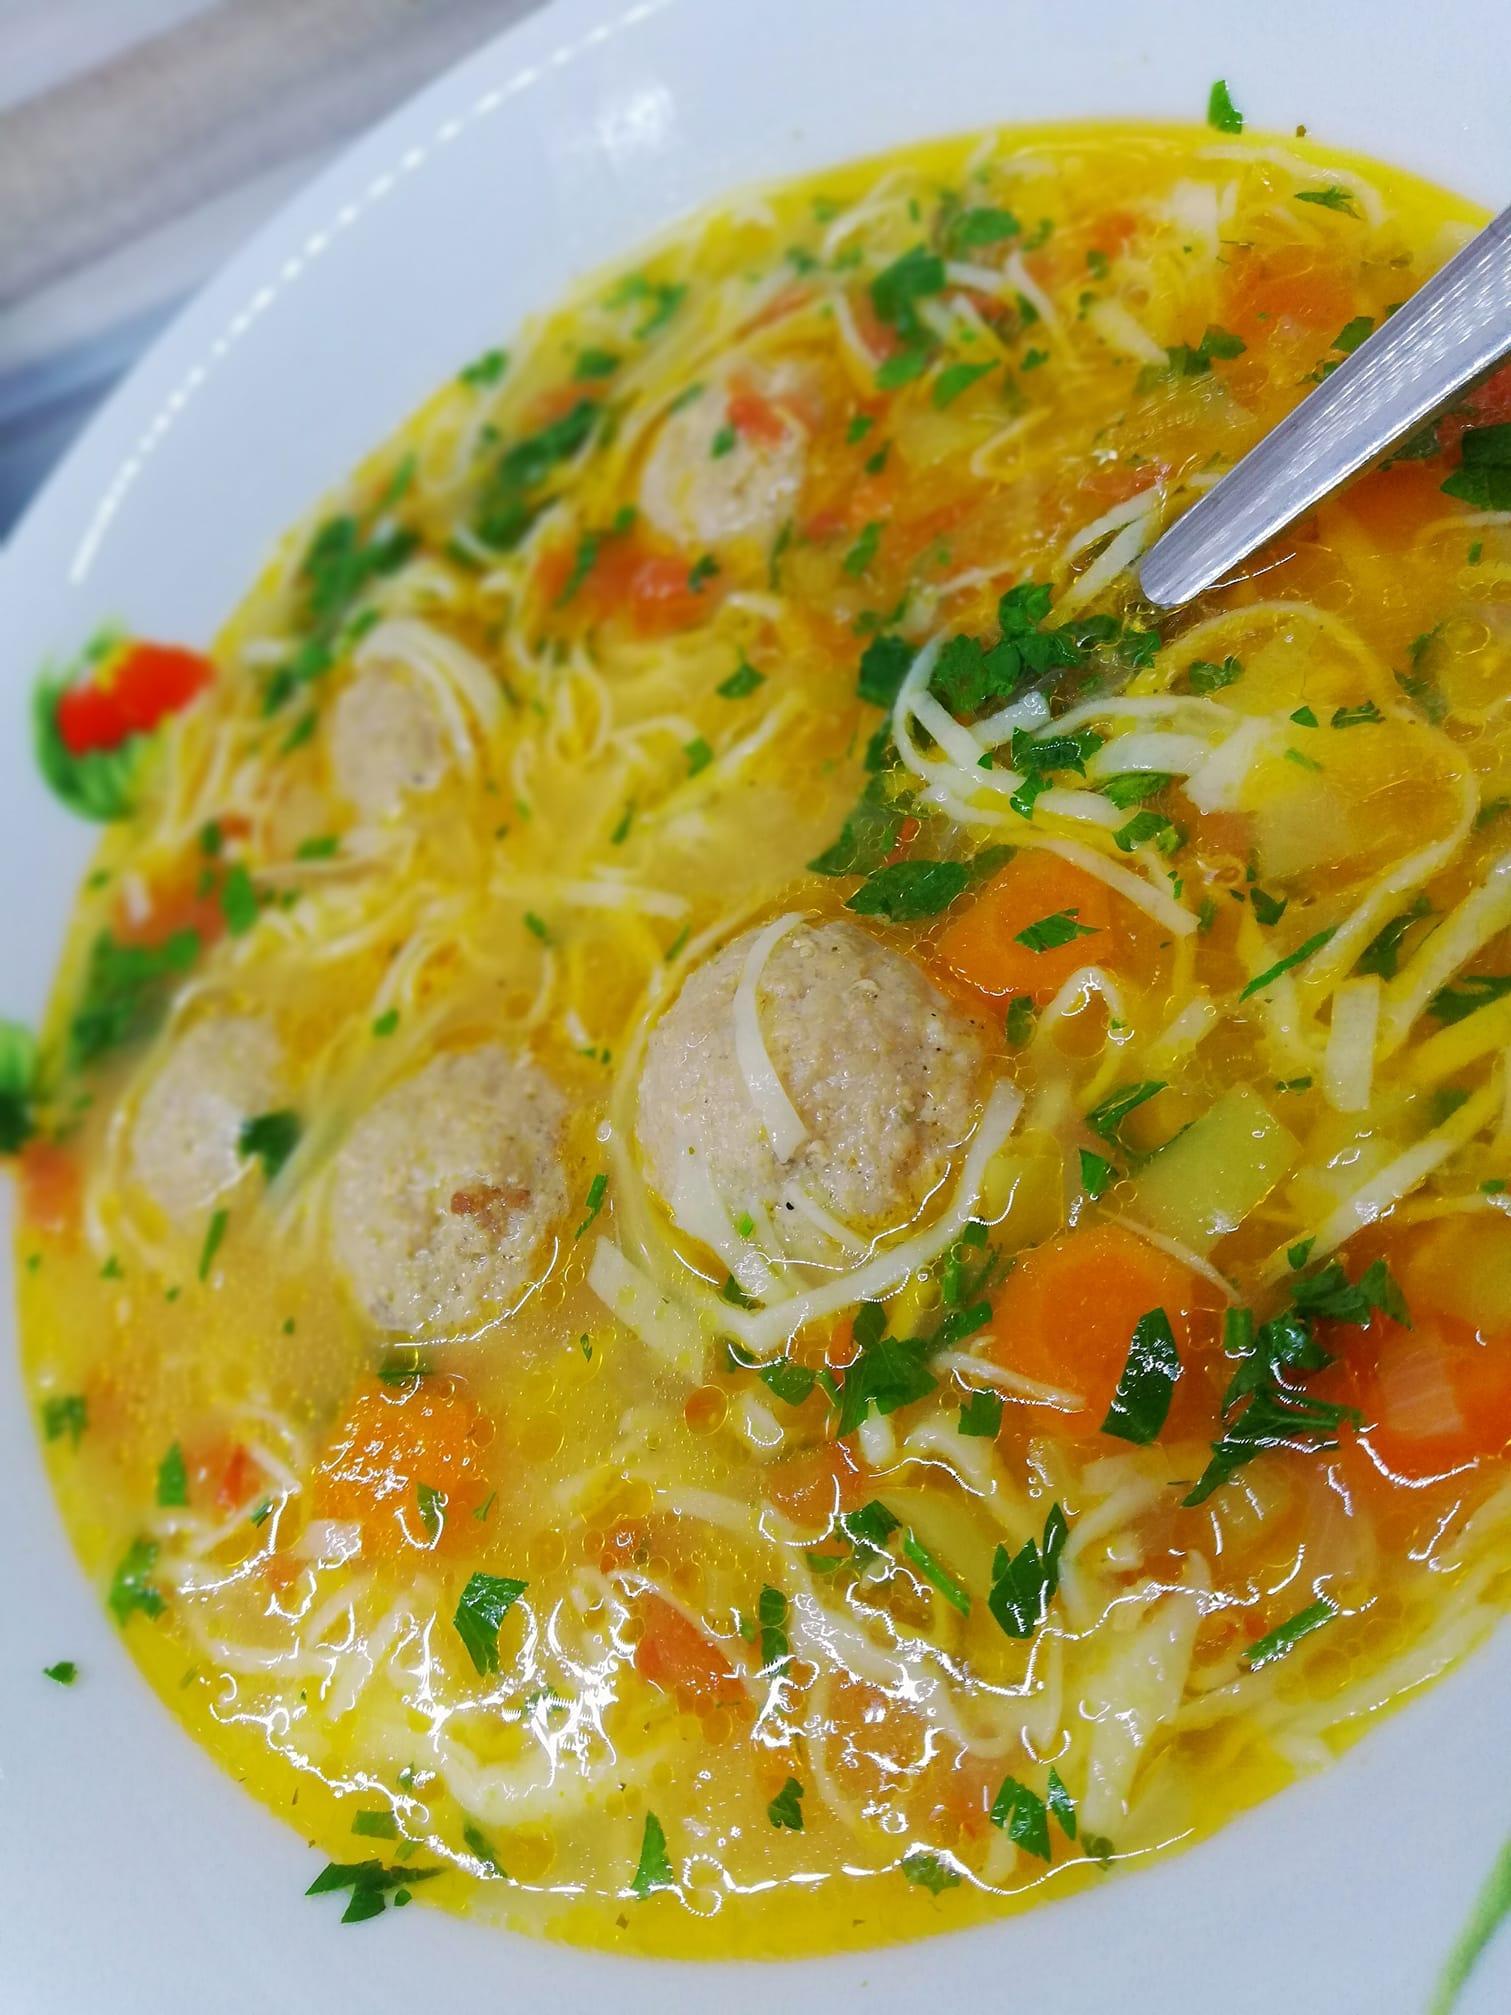 Σούπα γιουβαρλάκια με φιδέ και λαχανικά